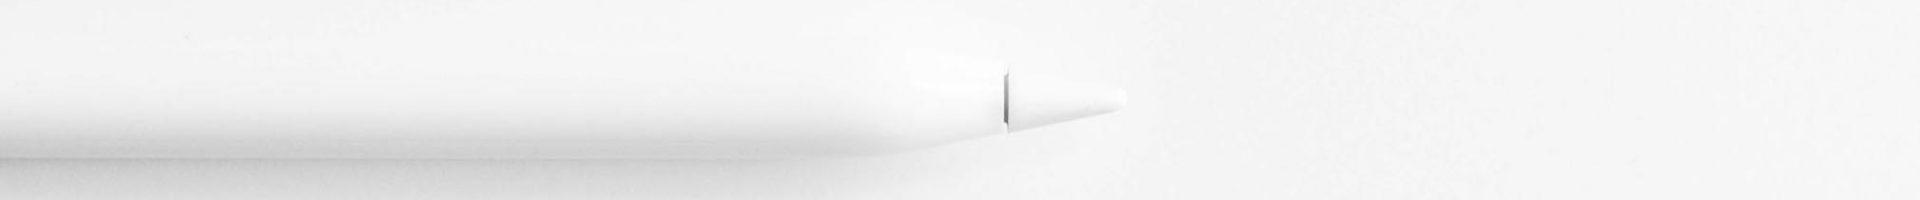 White-midden-2-2048x427-smal